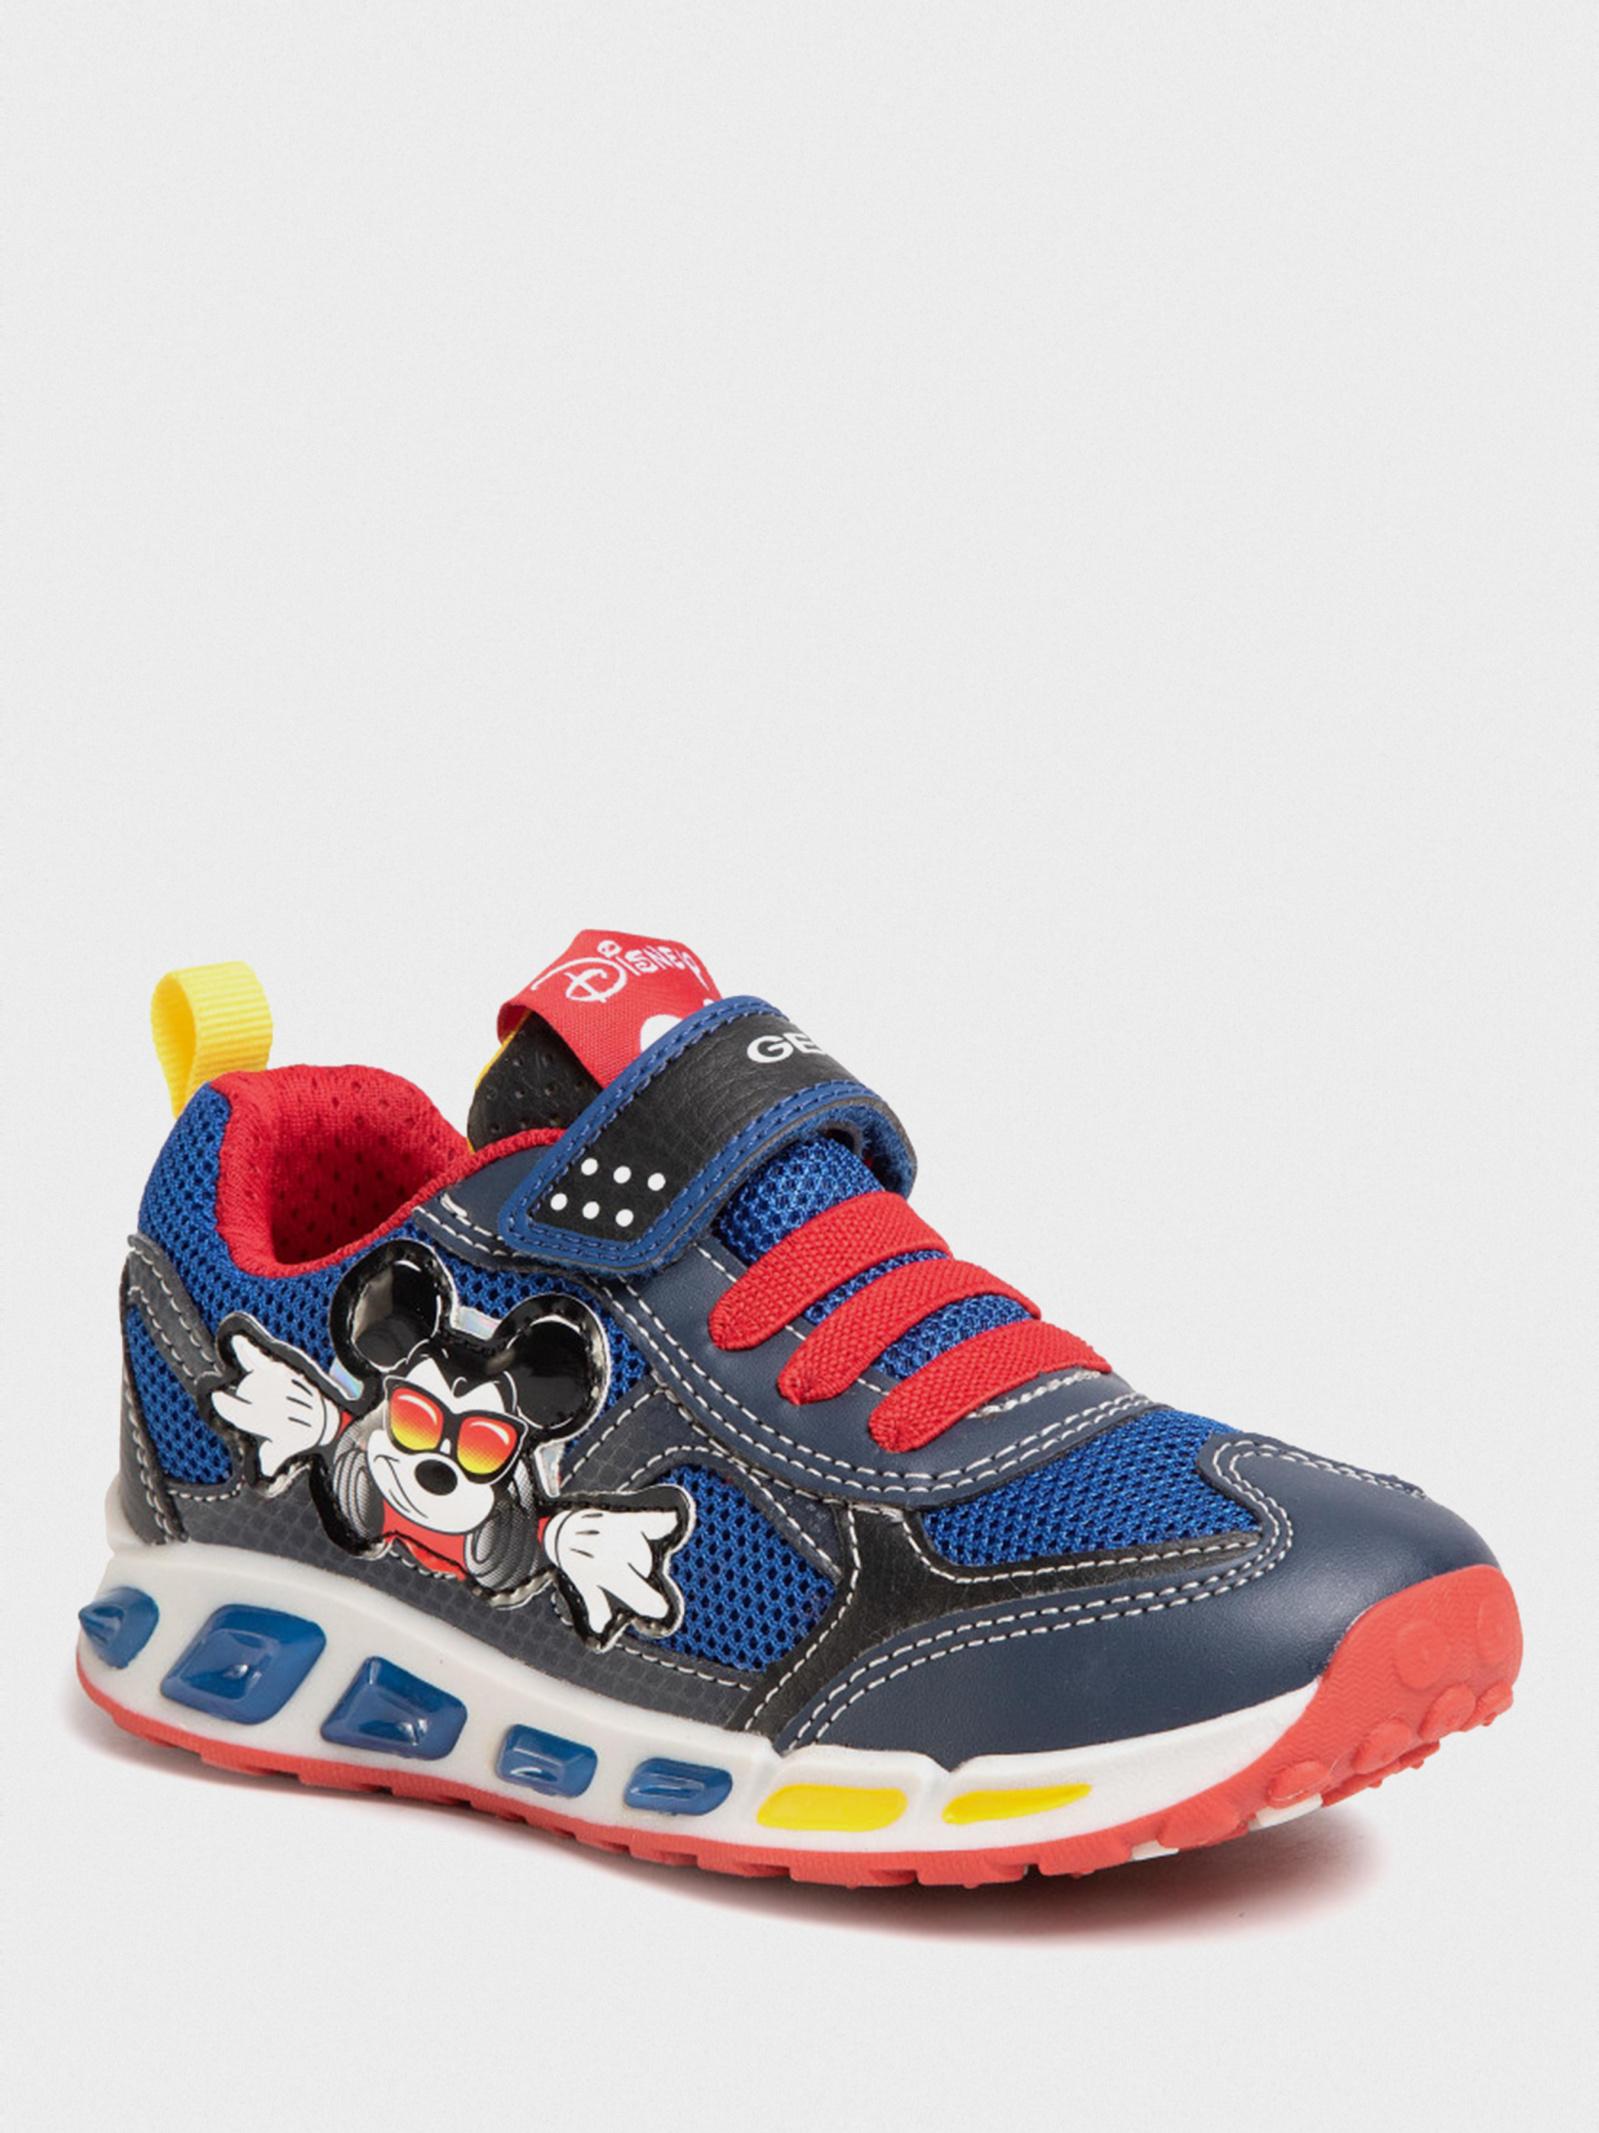 Кросівки  дитячі Geox J SHUTTLE BOY J0294A-01454-C0735 модне взуття, 2017